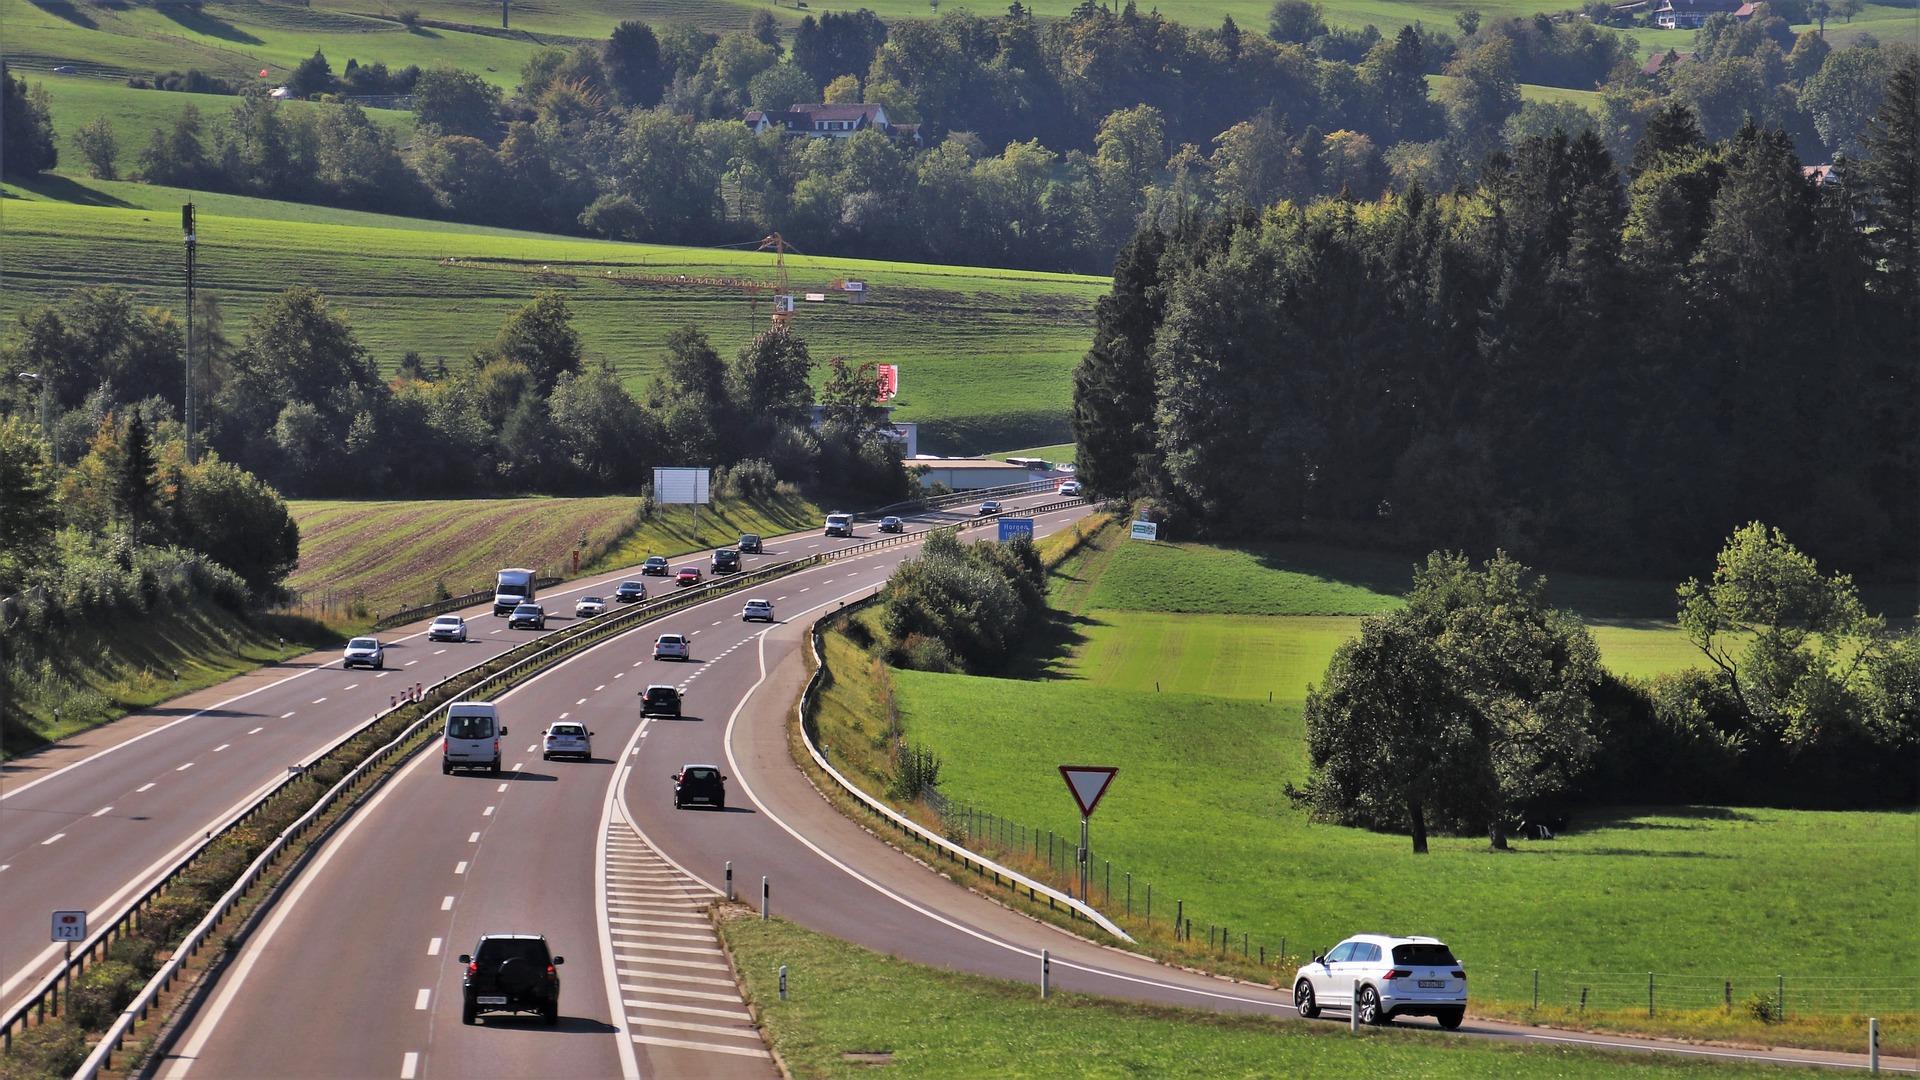 Conducir en Autopista o Autovia